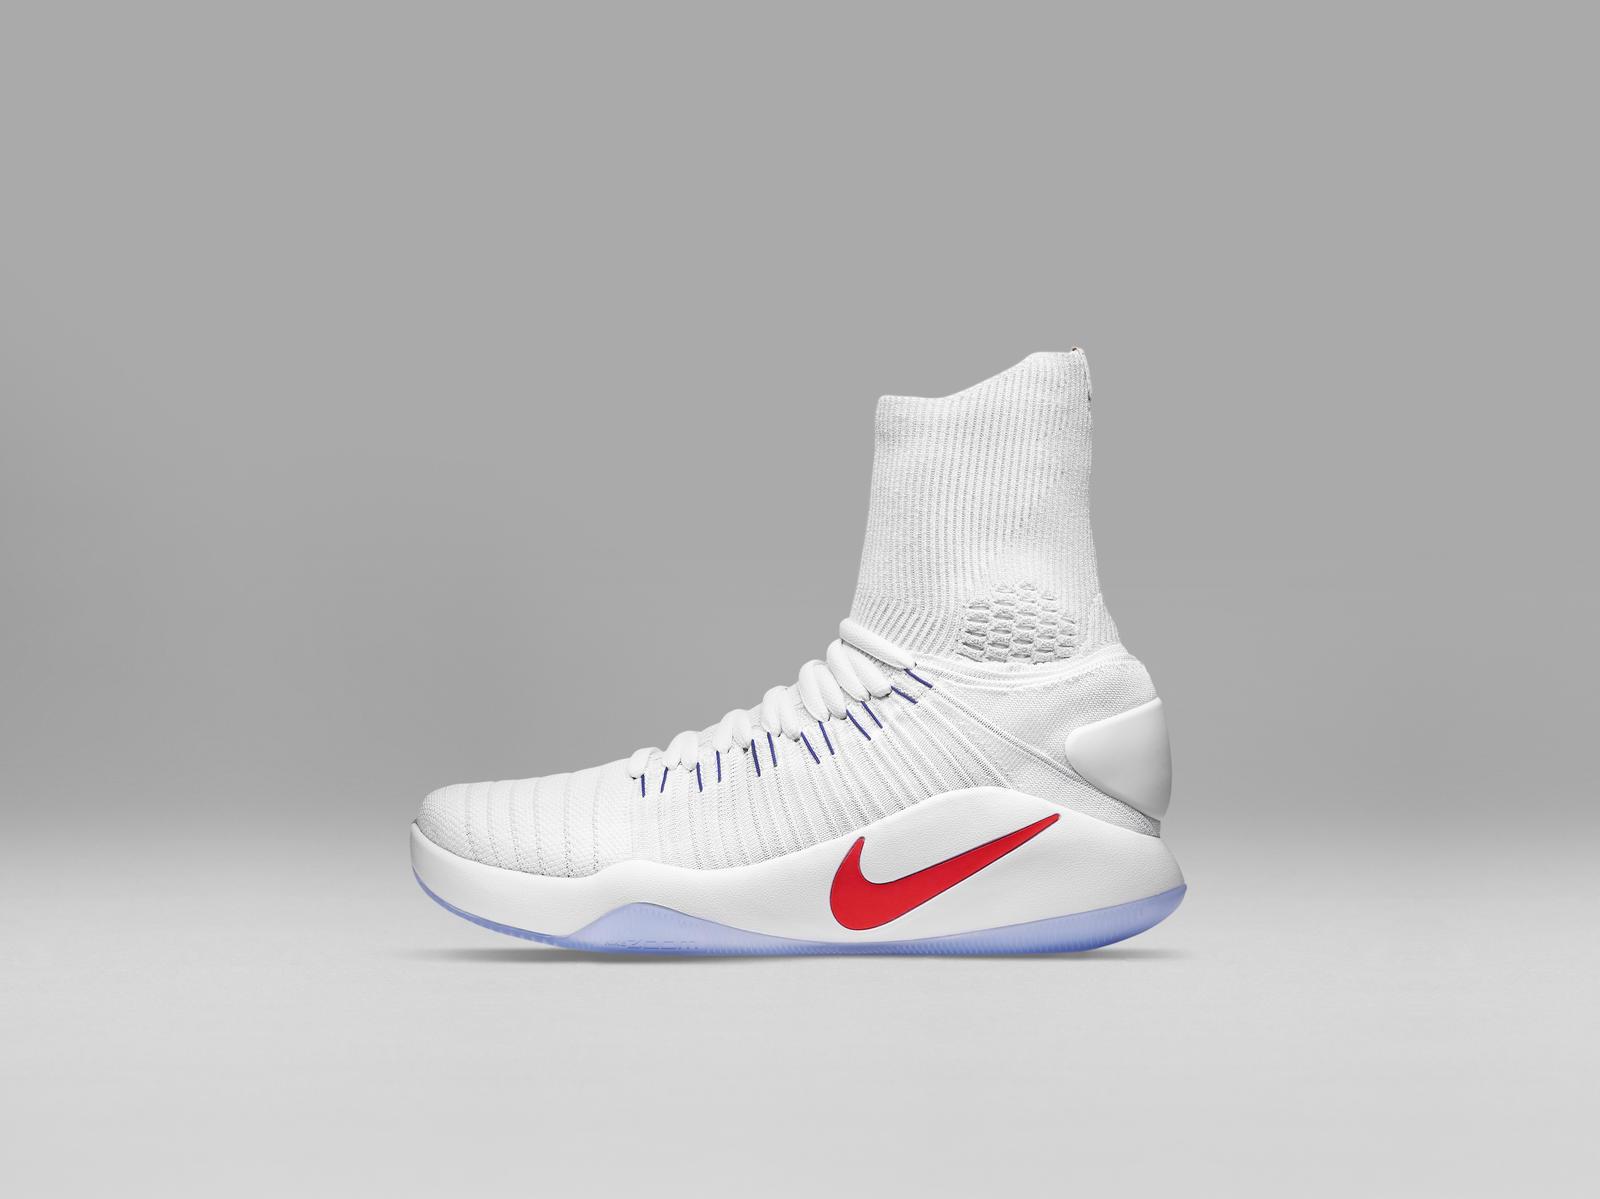 93c478891c2 Kd 5 Size 15 Tan Pink Glitter Nike Air